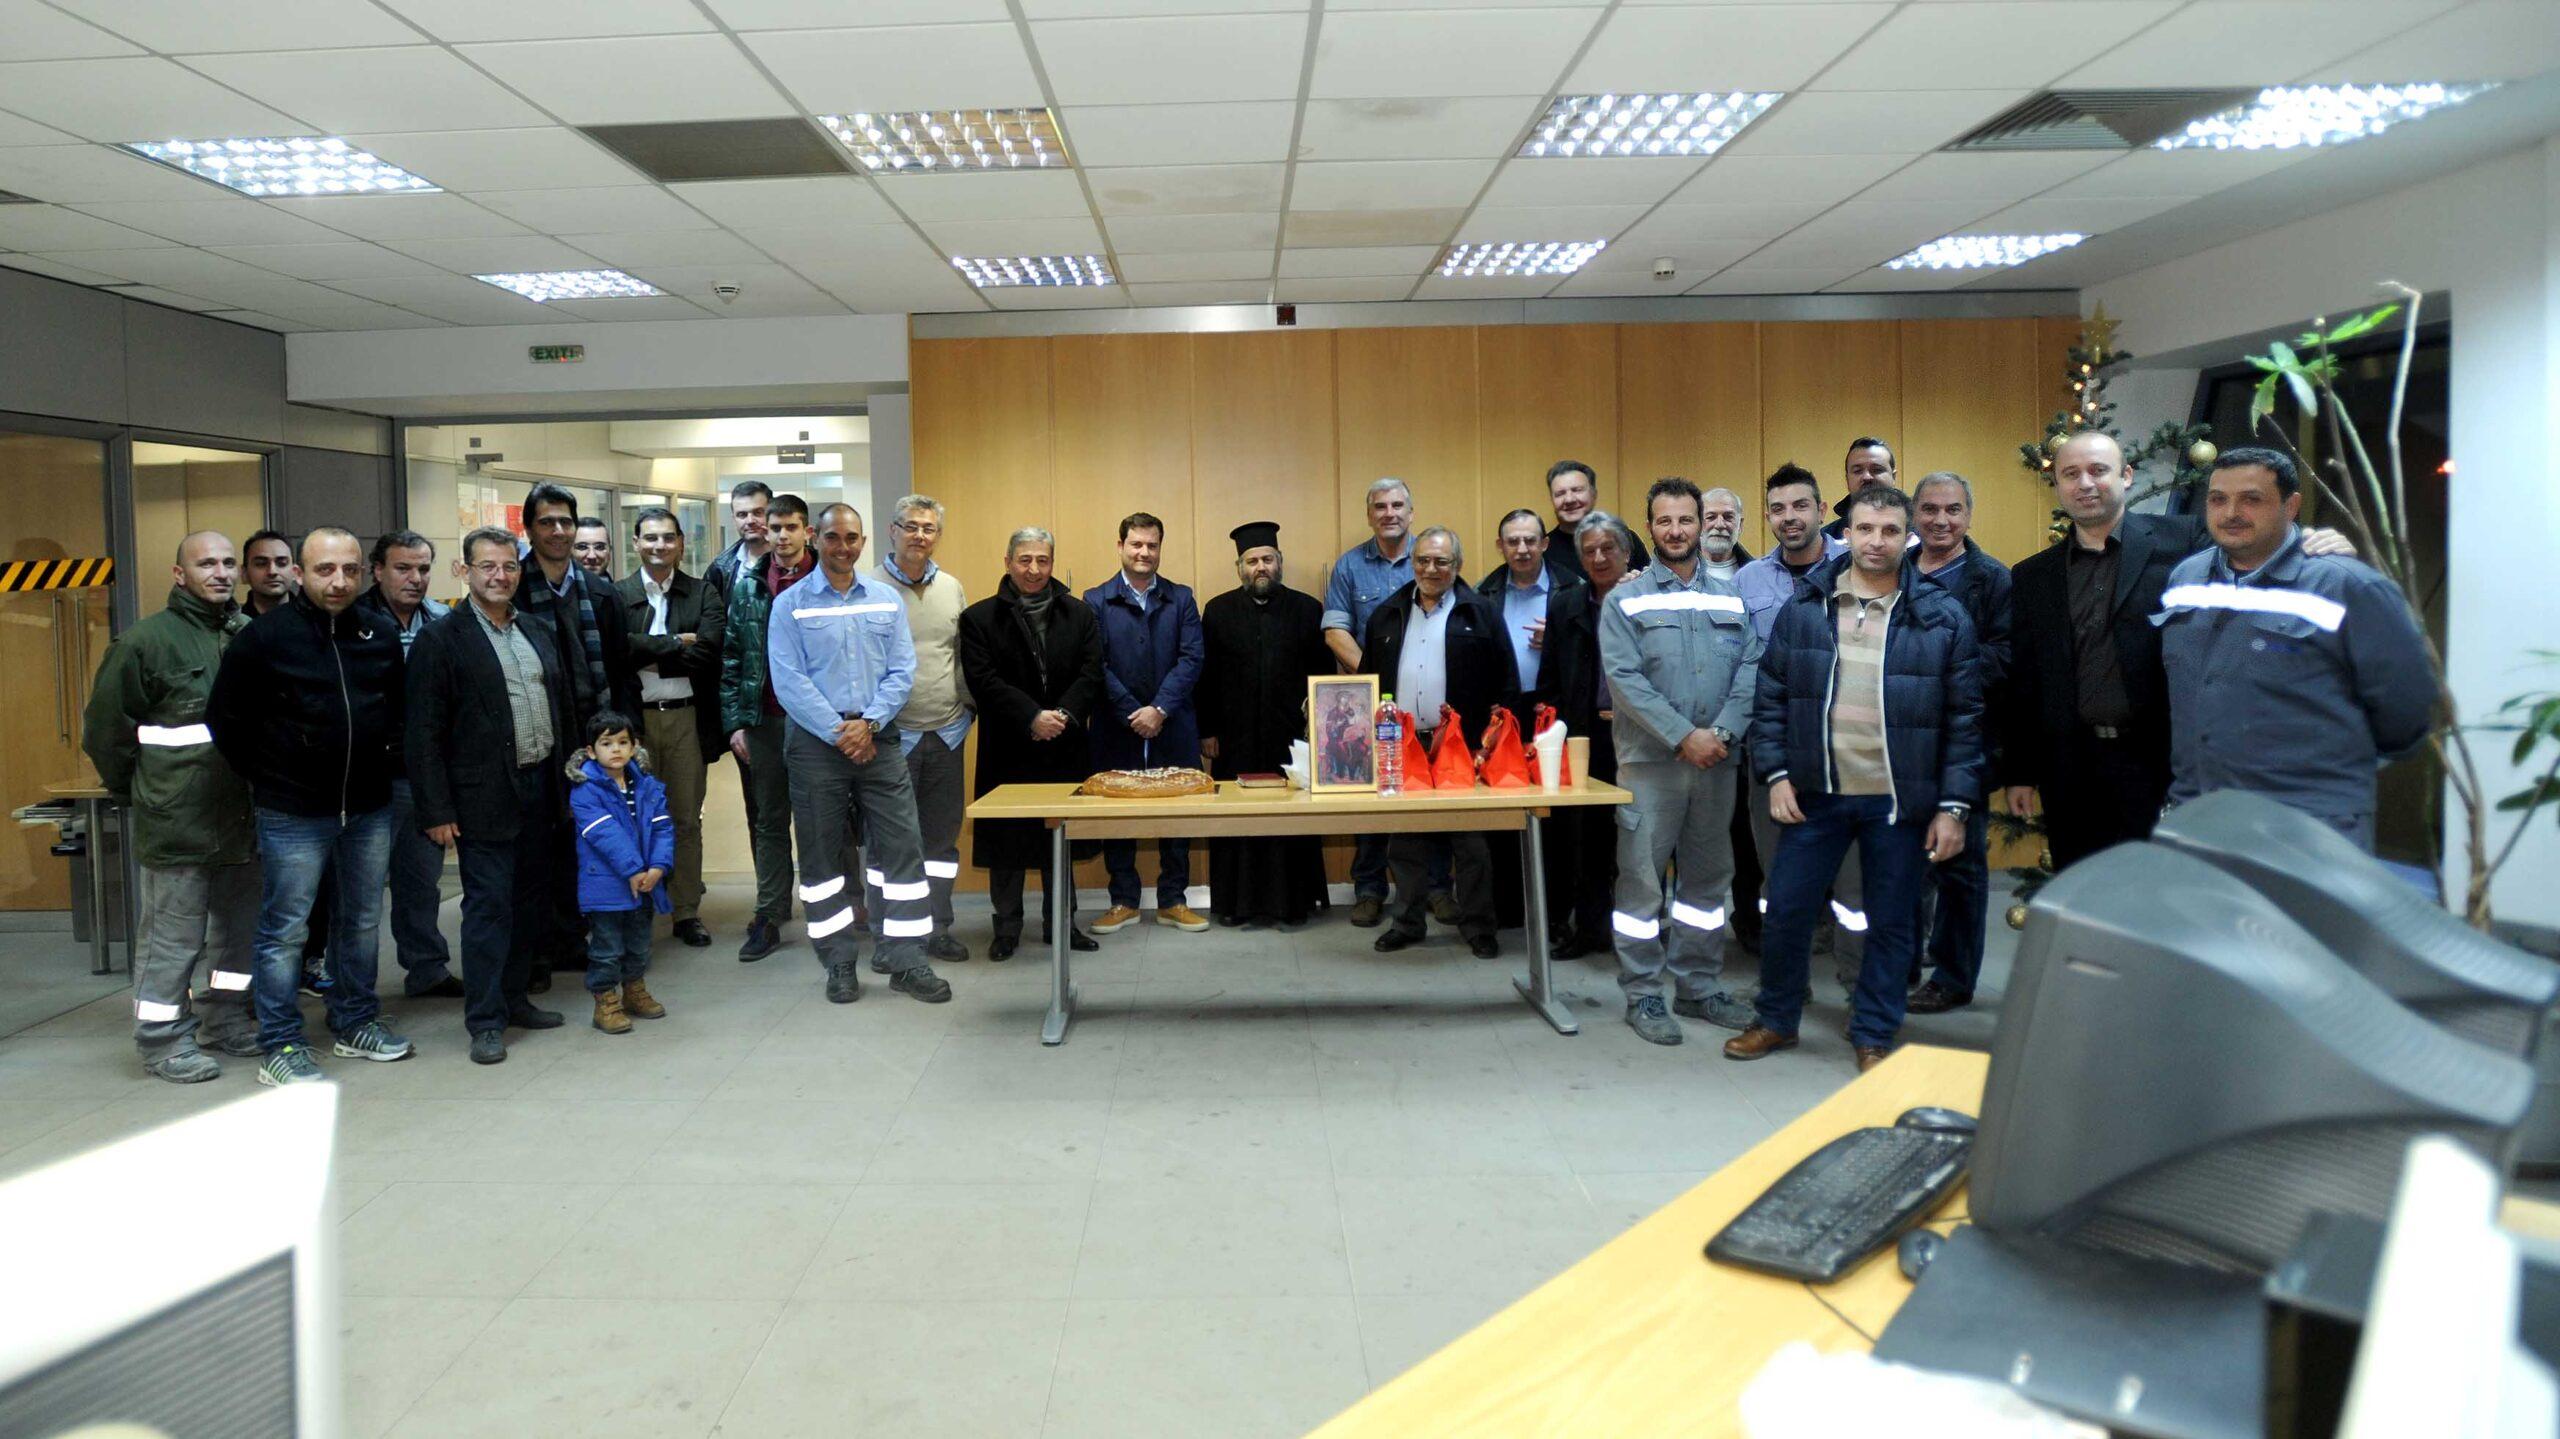 Το ΕΚΘ δίπλα στους εργαζόμενους και το βράδυ της παραμονής Πρωτοχρονιάς